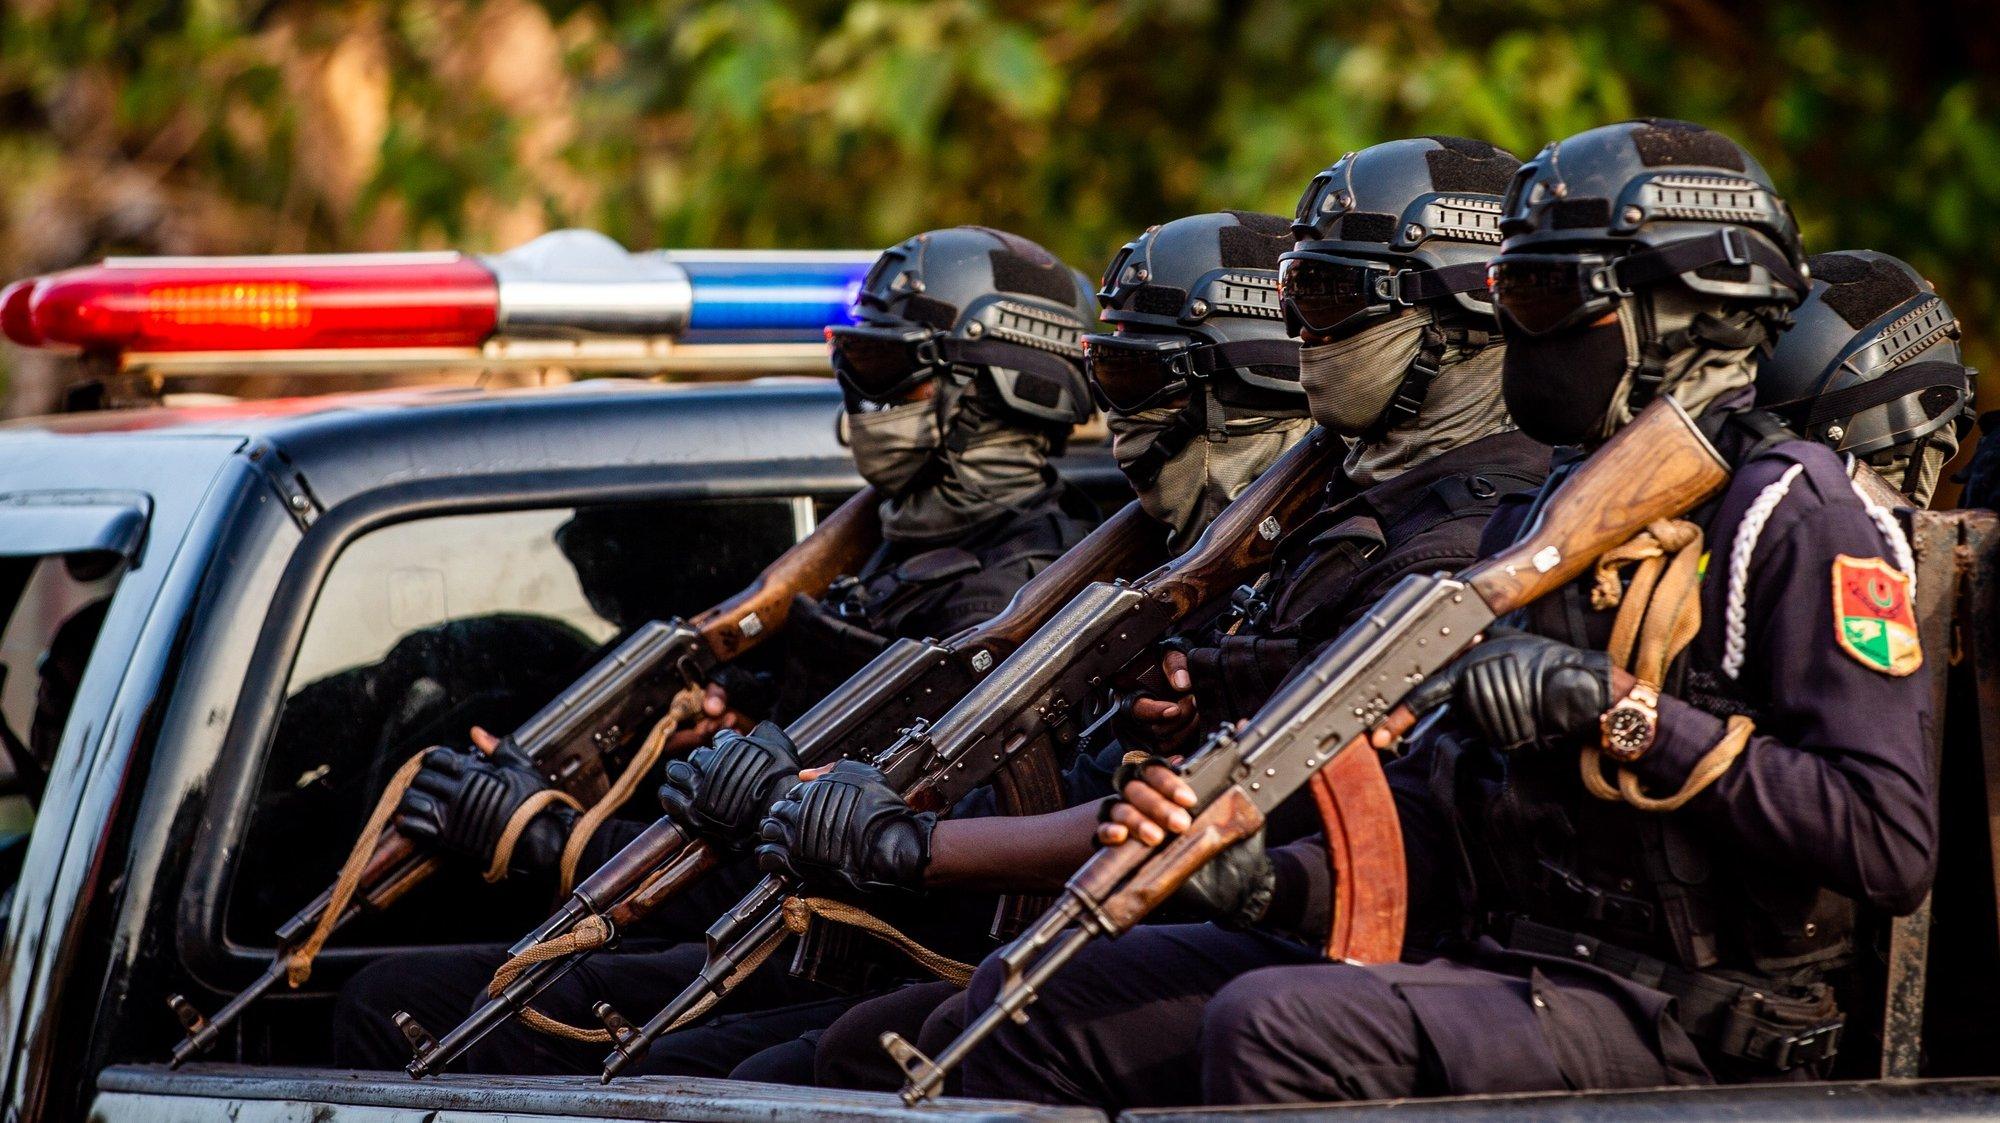 Militares na rua em Bissau, na Guiné-Bissau, 15 de maio de 2021. JOSÉ SENA GOULÃO/LUSA